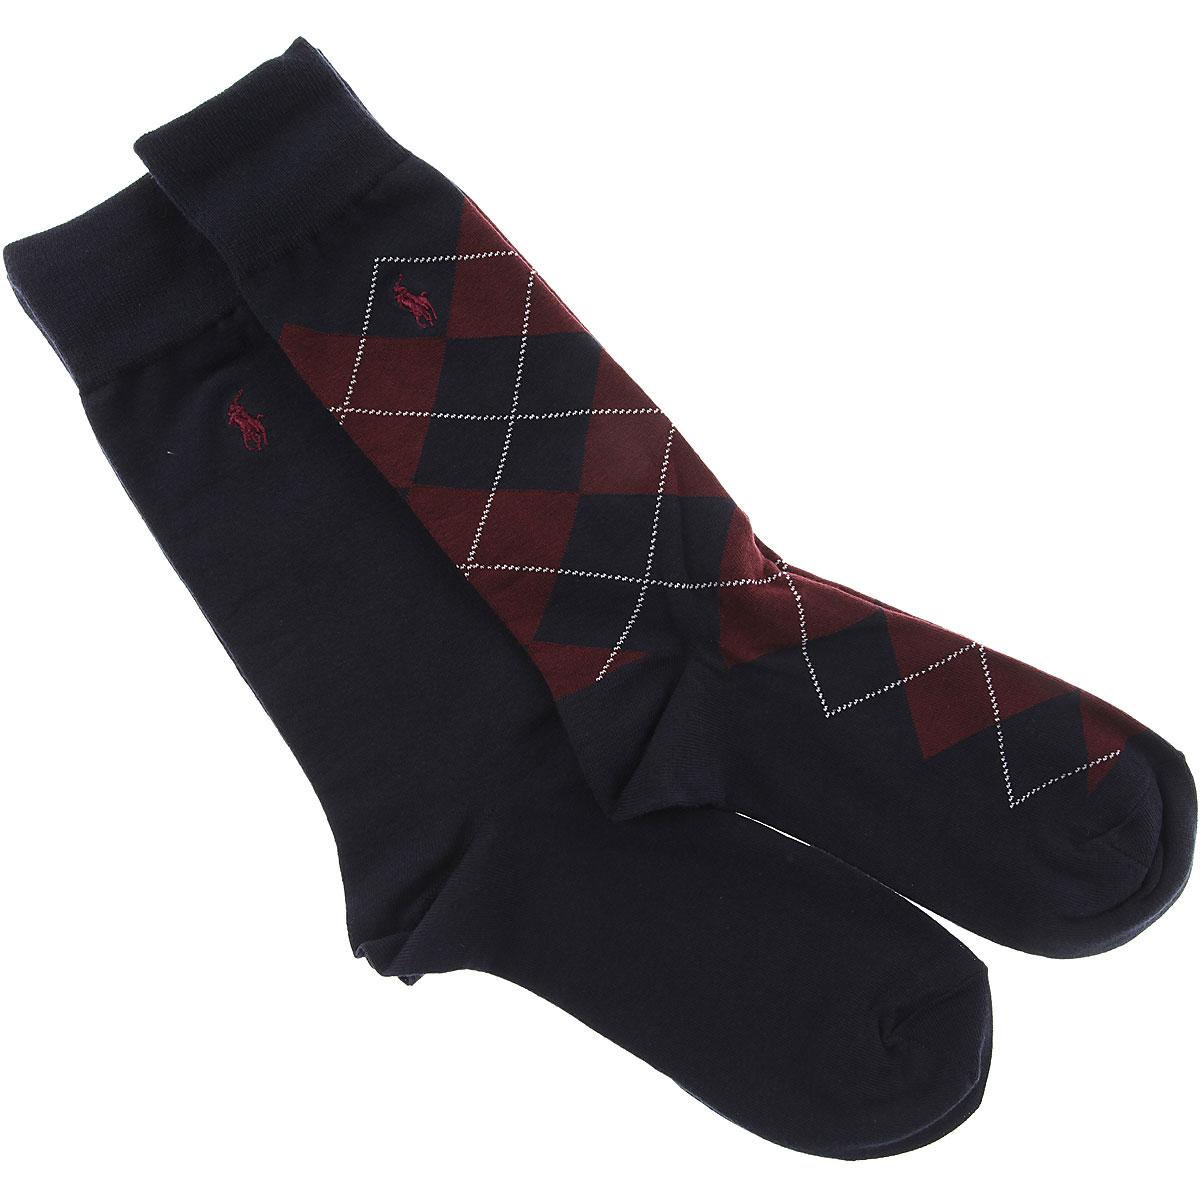 Image of Ralph Lauren Socks Socks for Men, 2 Pack, Bordeaux, Cotton, 2017